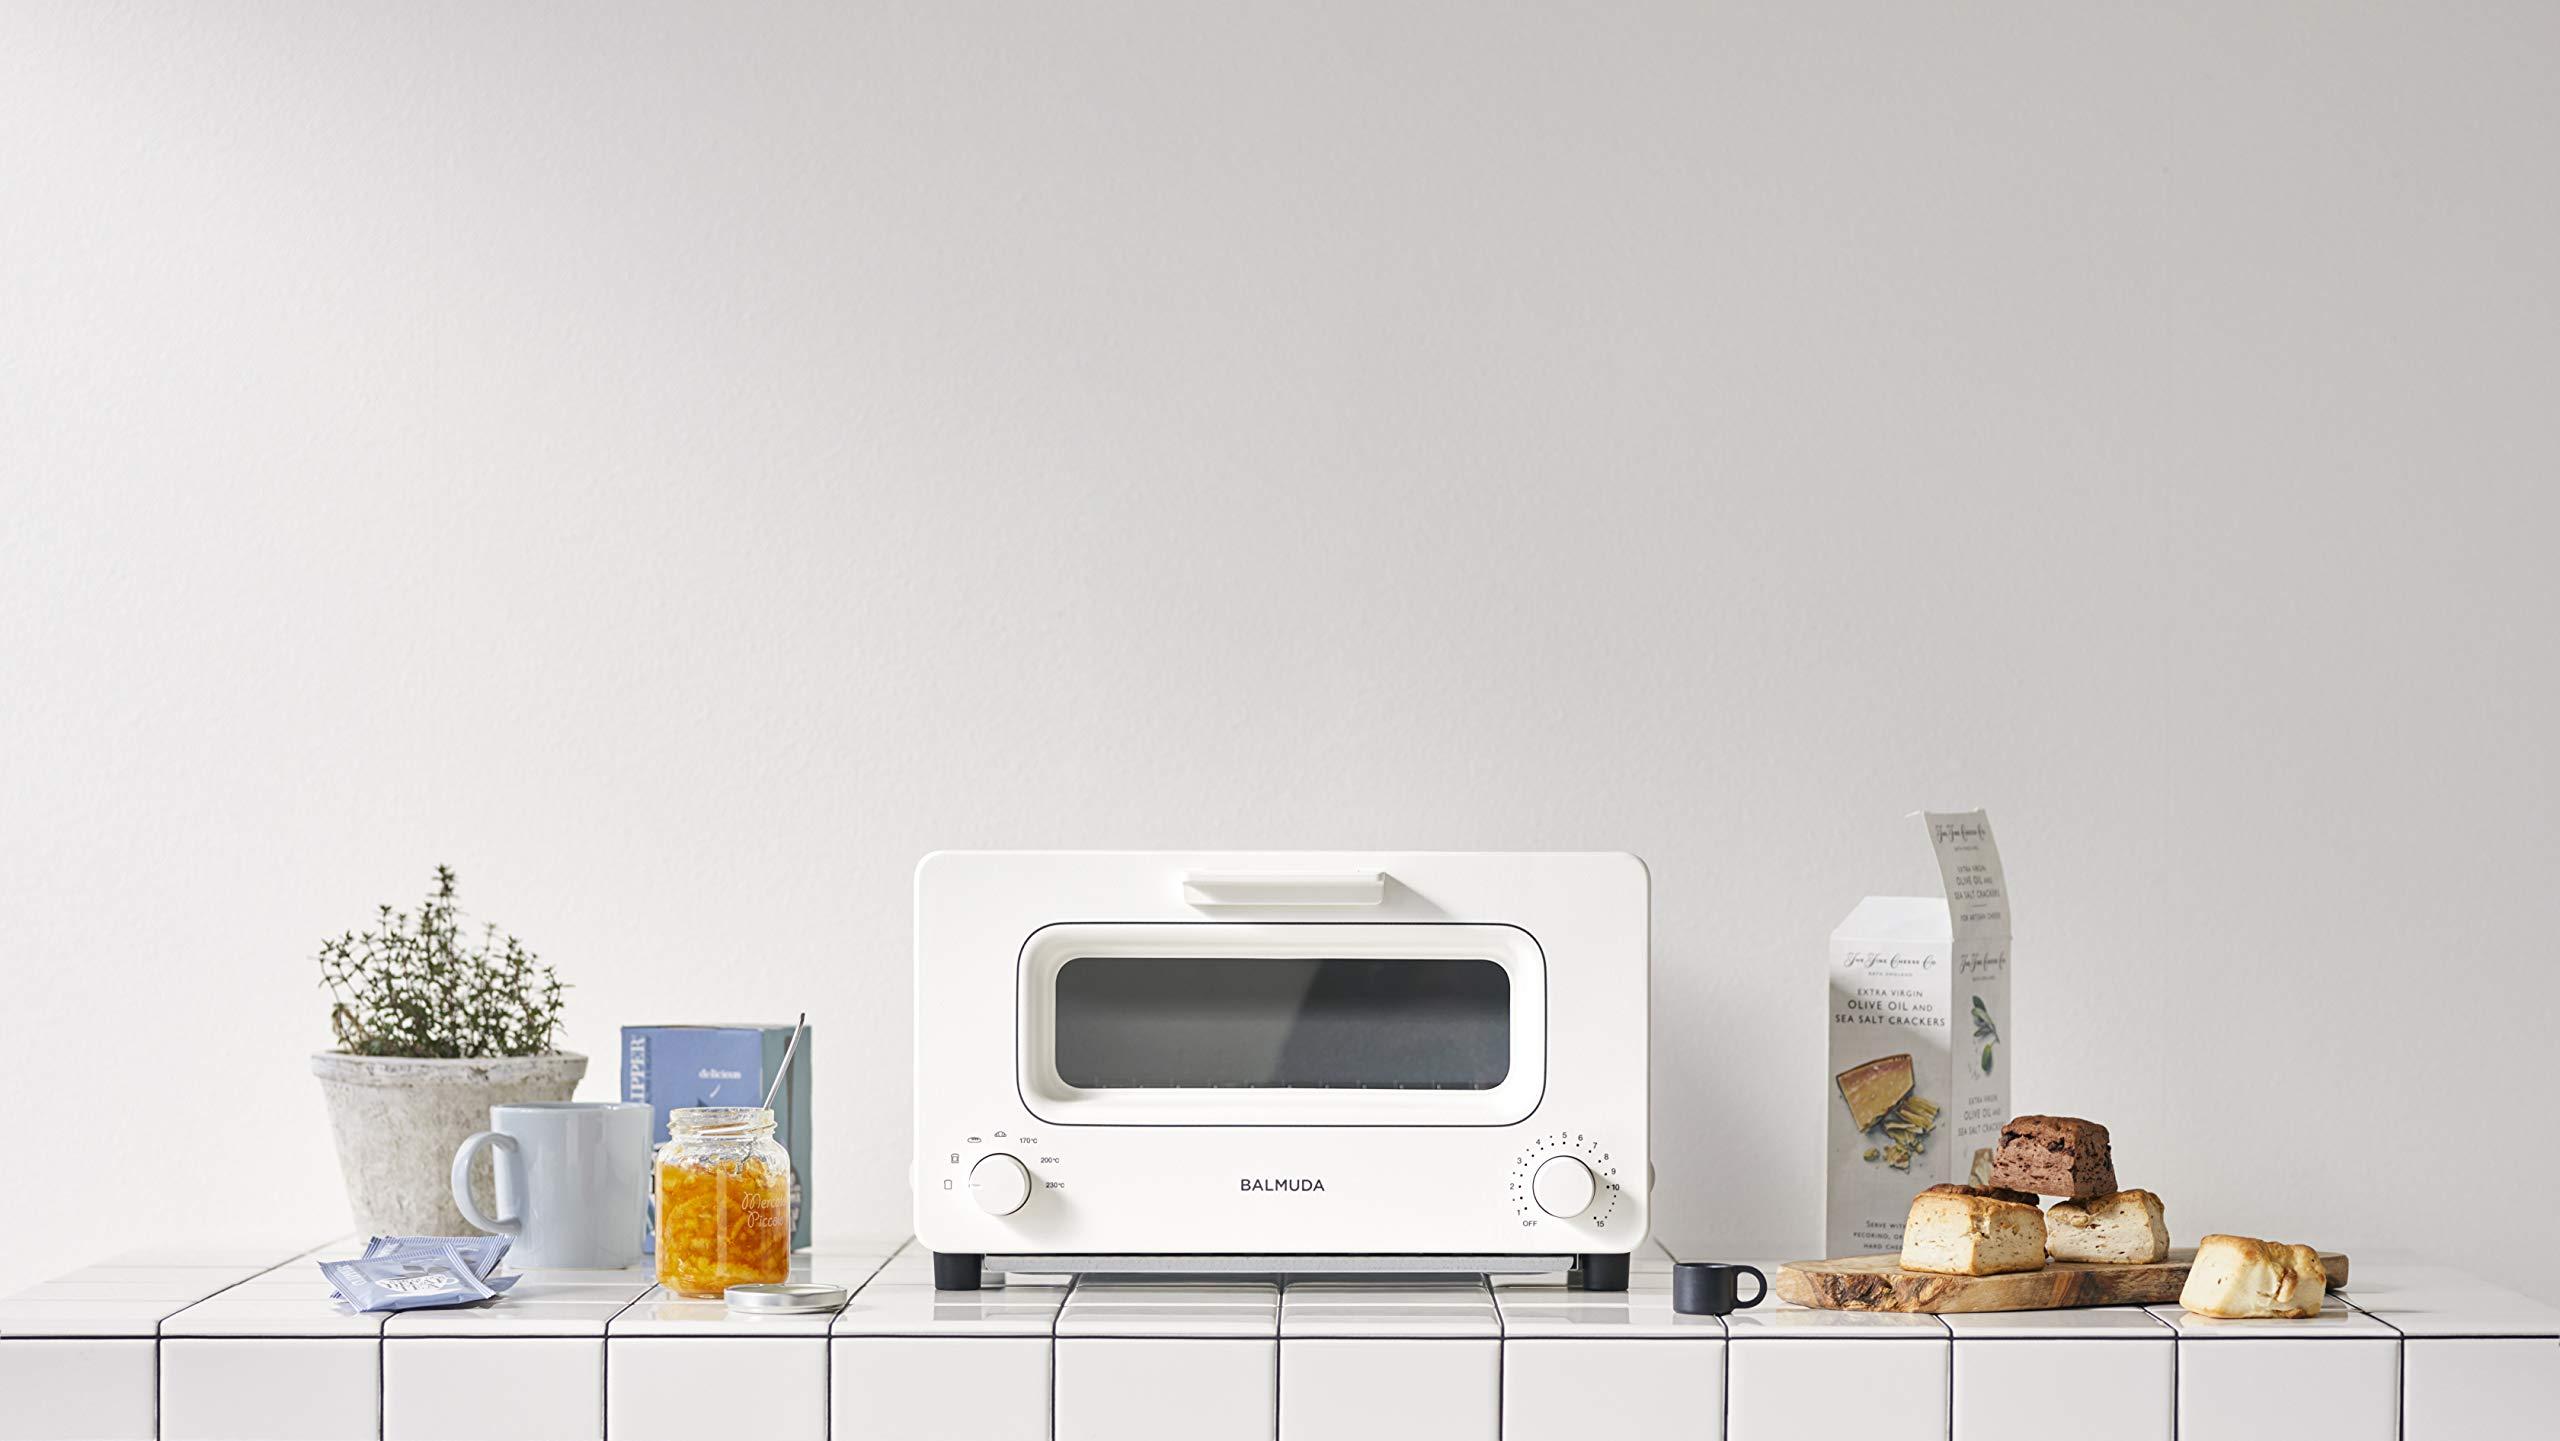 「BALMUDA The Toaster」が10%オフ。Amazonタイムセール祭りで